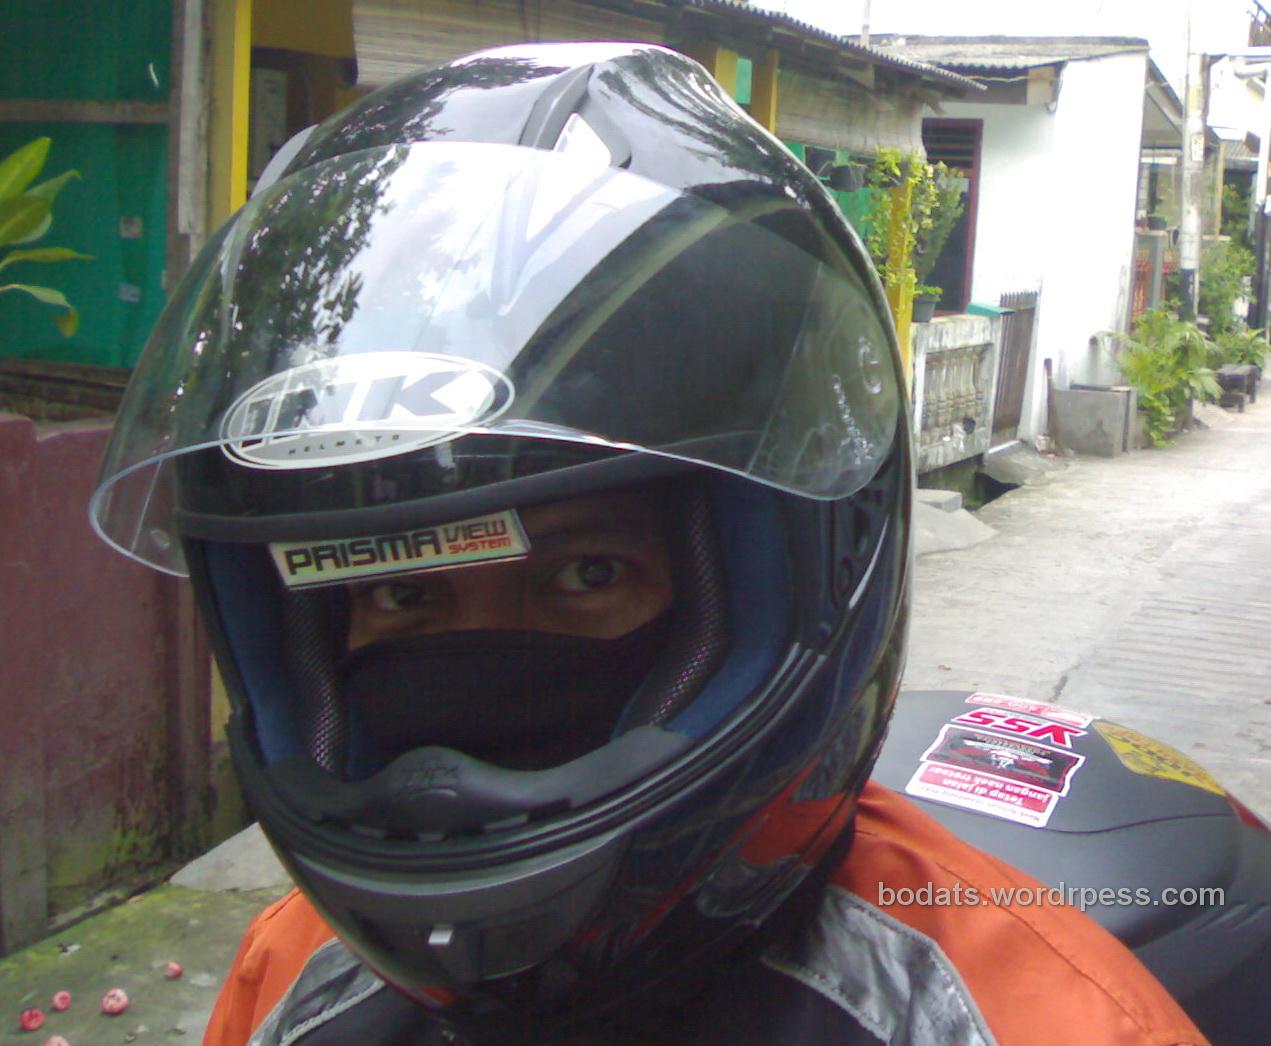 moto review : ink spy hacker, helm dengan spion. pertama di